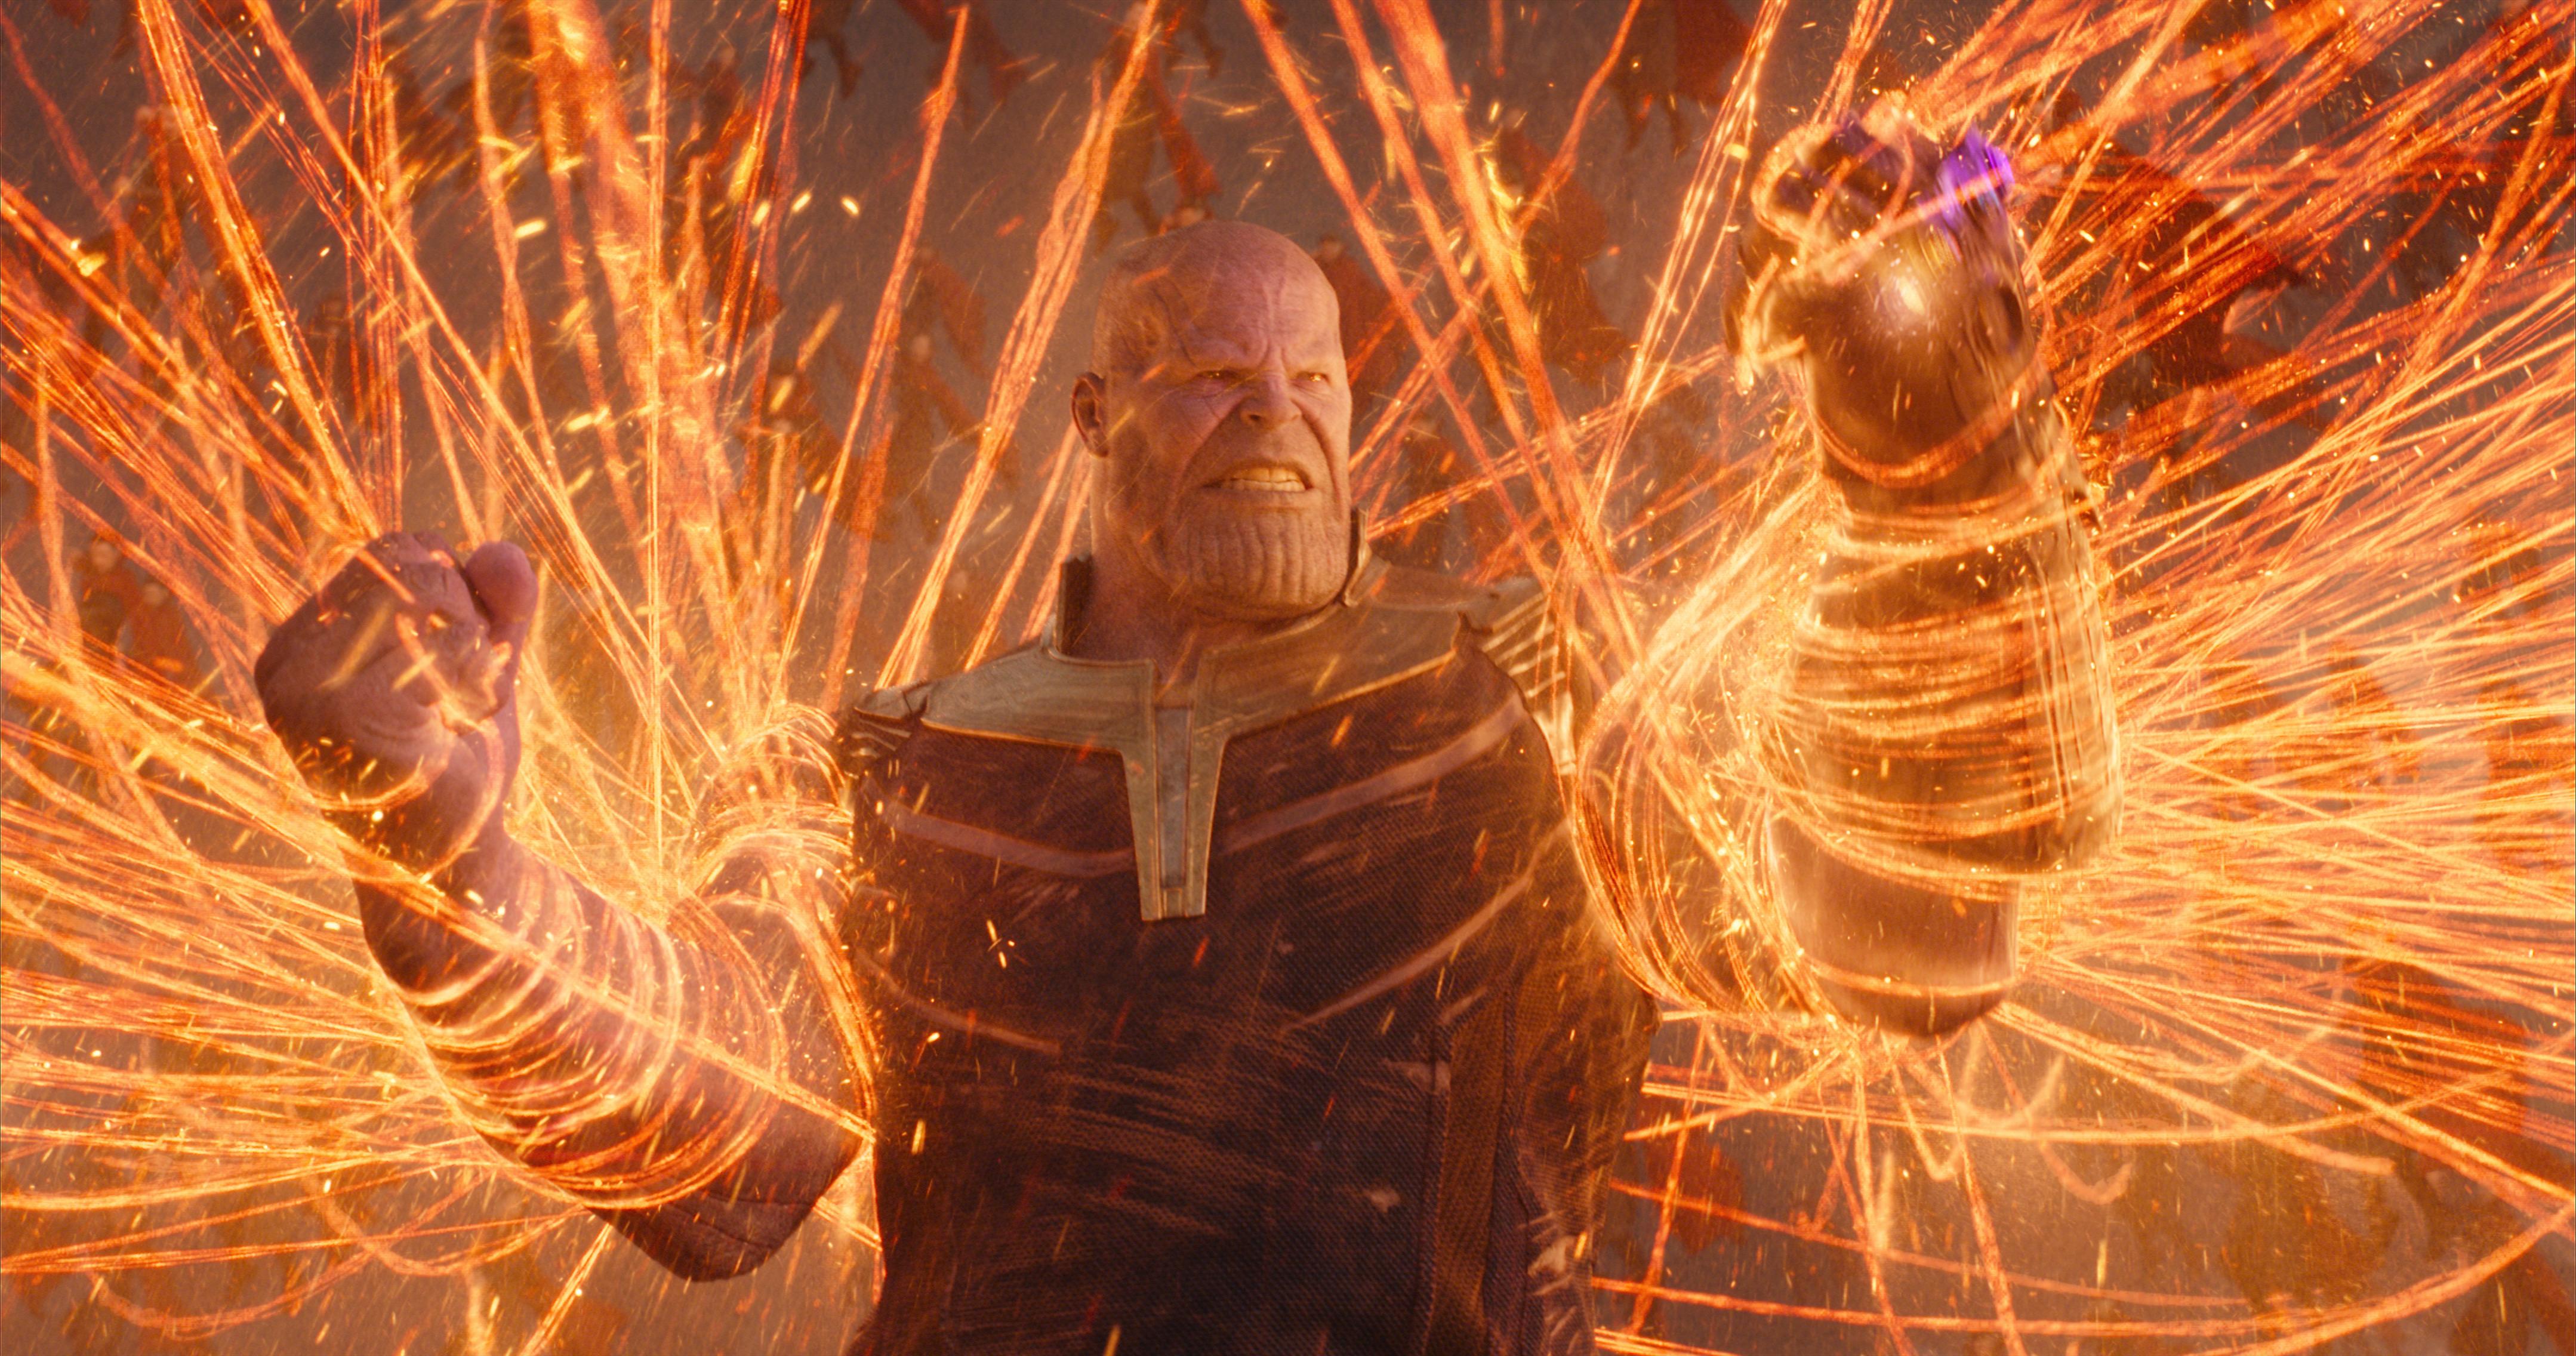 Wallpaper Thanos Avengers Infinity War Artwork Hd: 1920x1080 Thanos Avengers Infinity War Movie Laptop Full